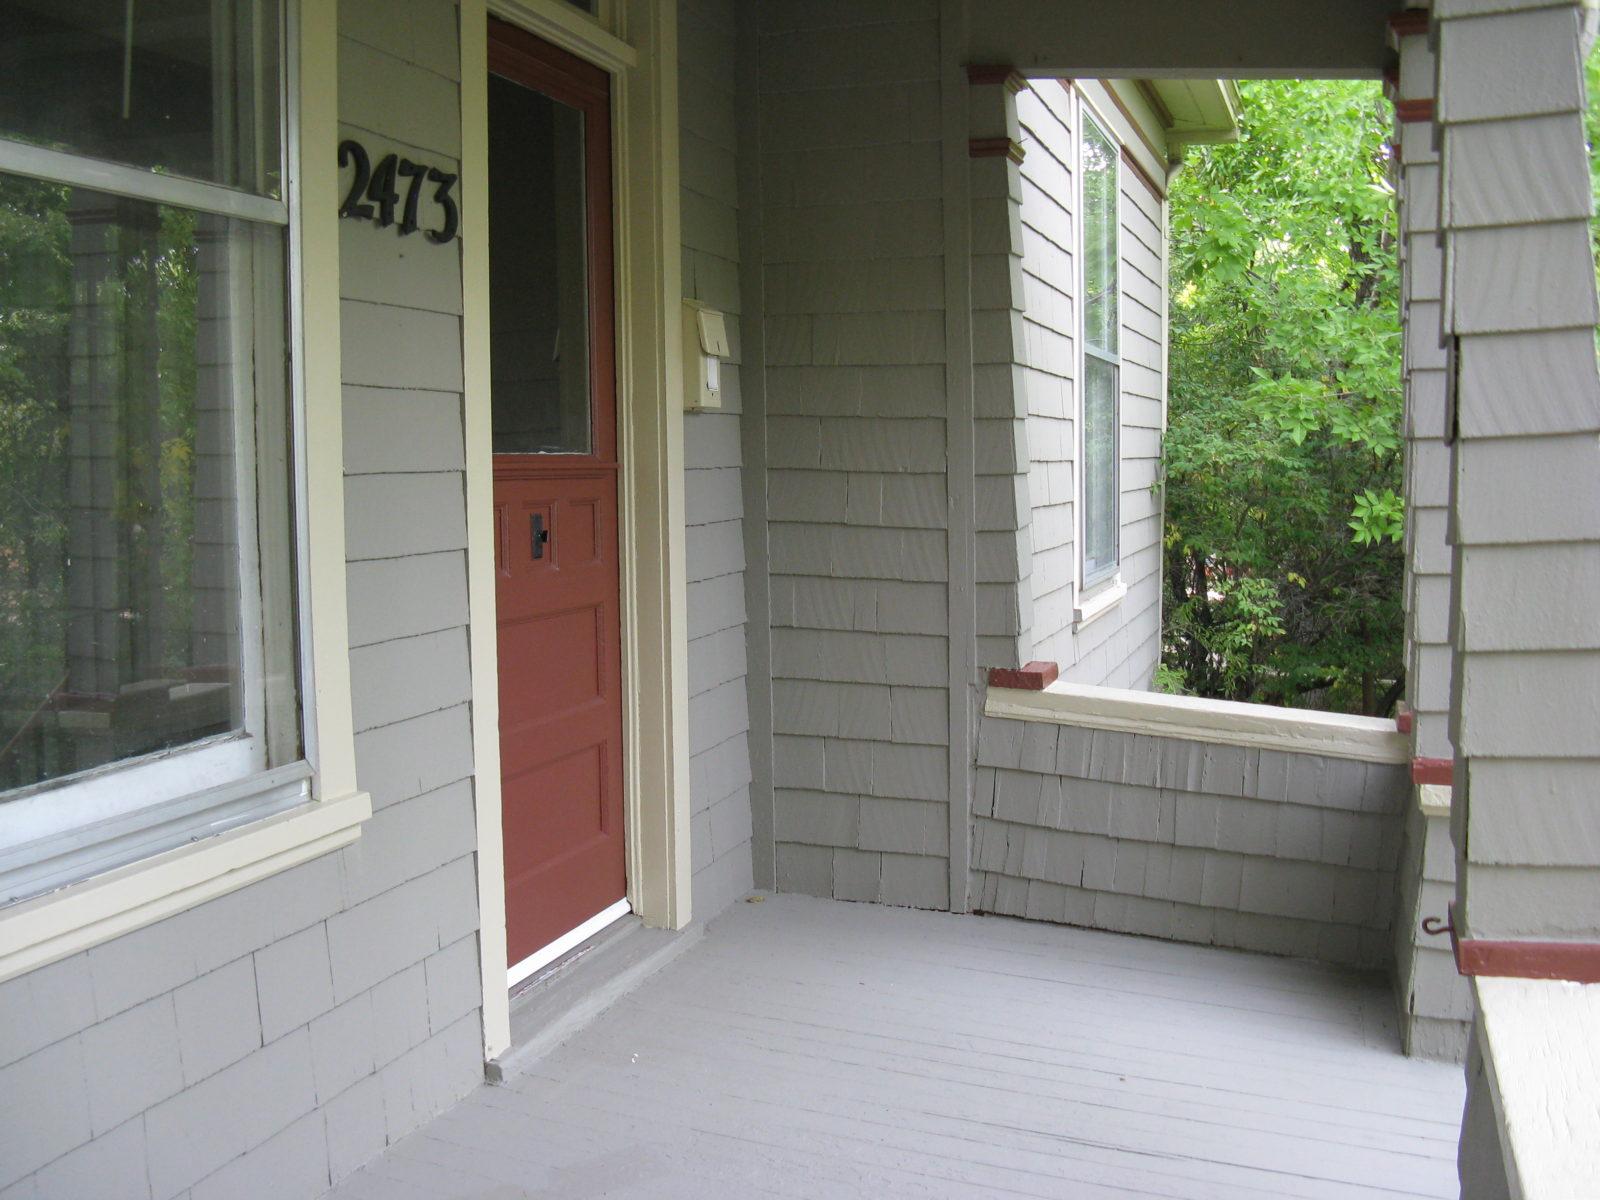 2473: Porch